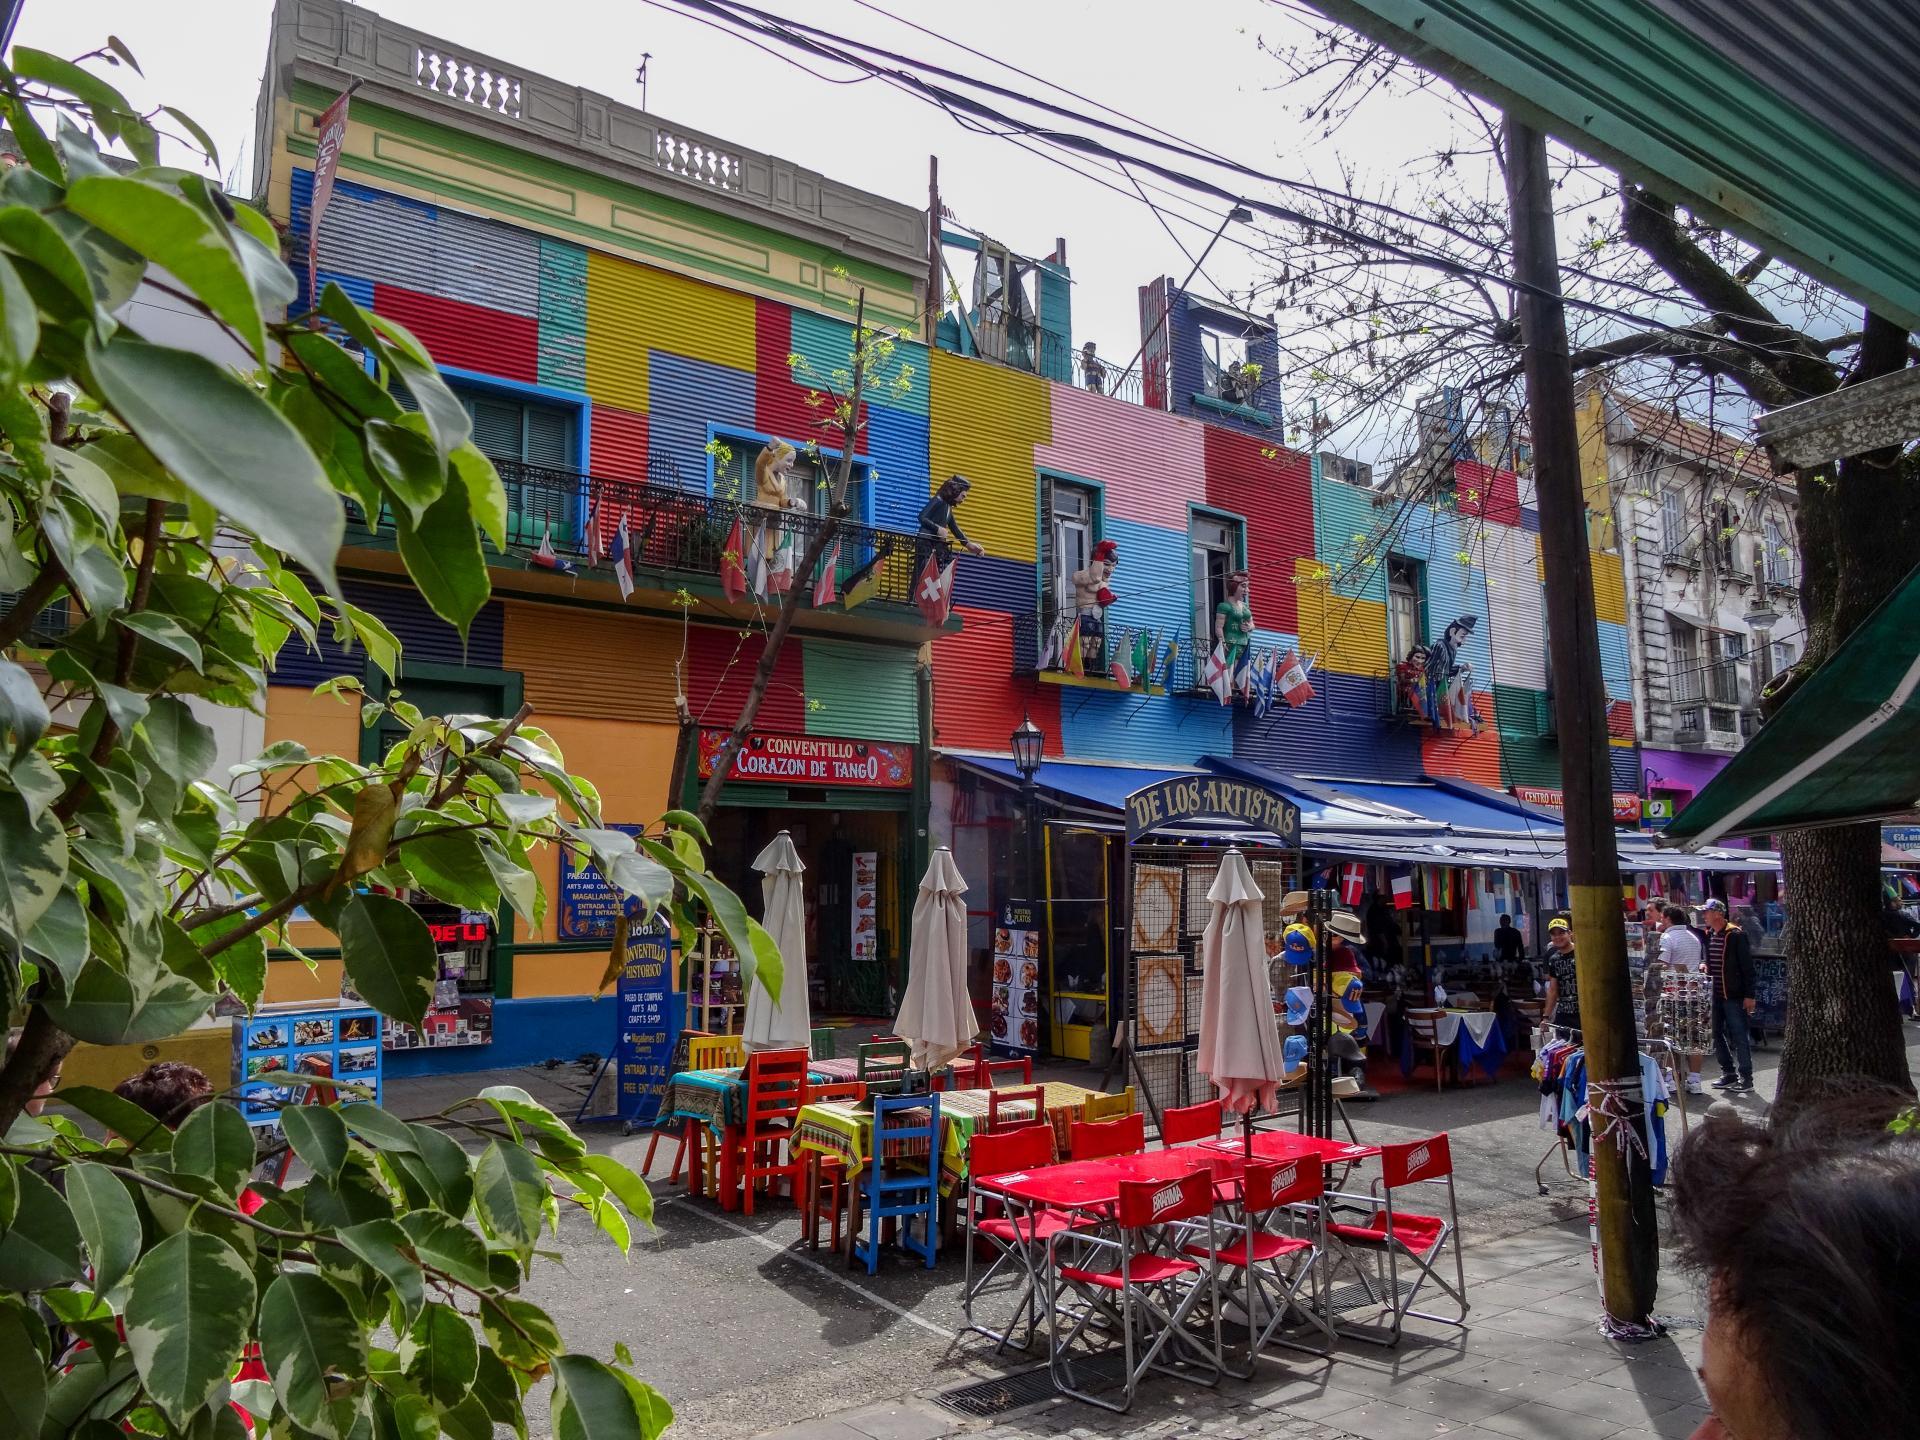 Entdecken Sie die Hauptstadt Argentiniens Buenos Aires auf einer Rundreise mit uns